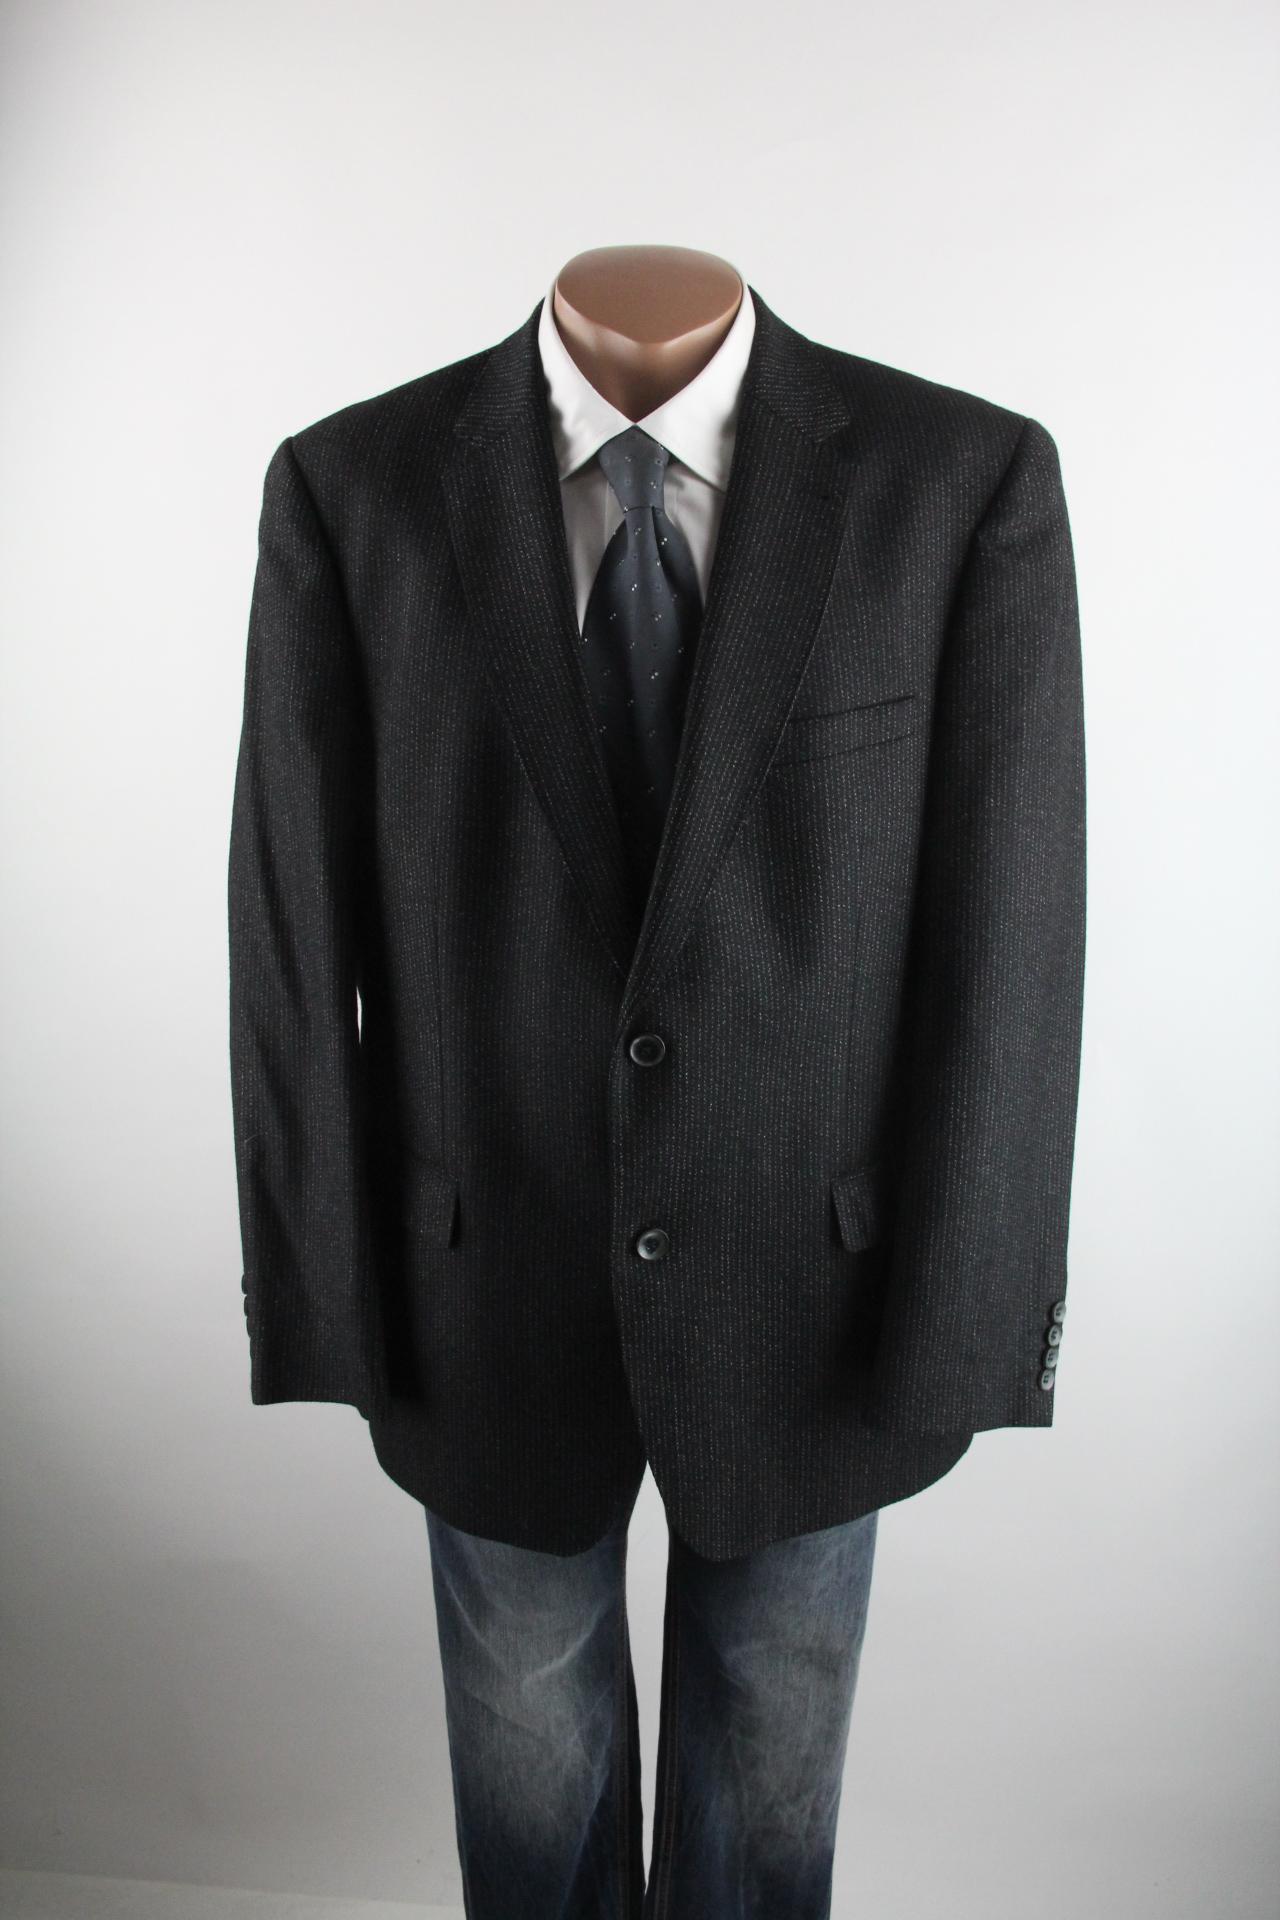 Details zu Mario Barutti schwarz graues Sakko Größe 27XL Schurwolle Kaschmir Top Zustand